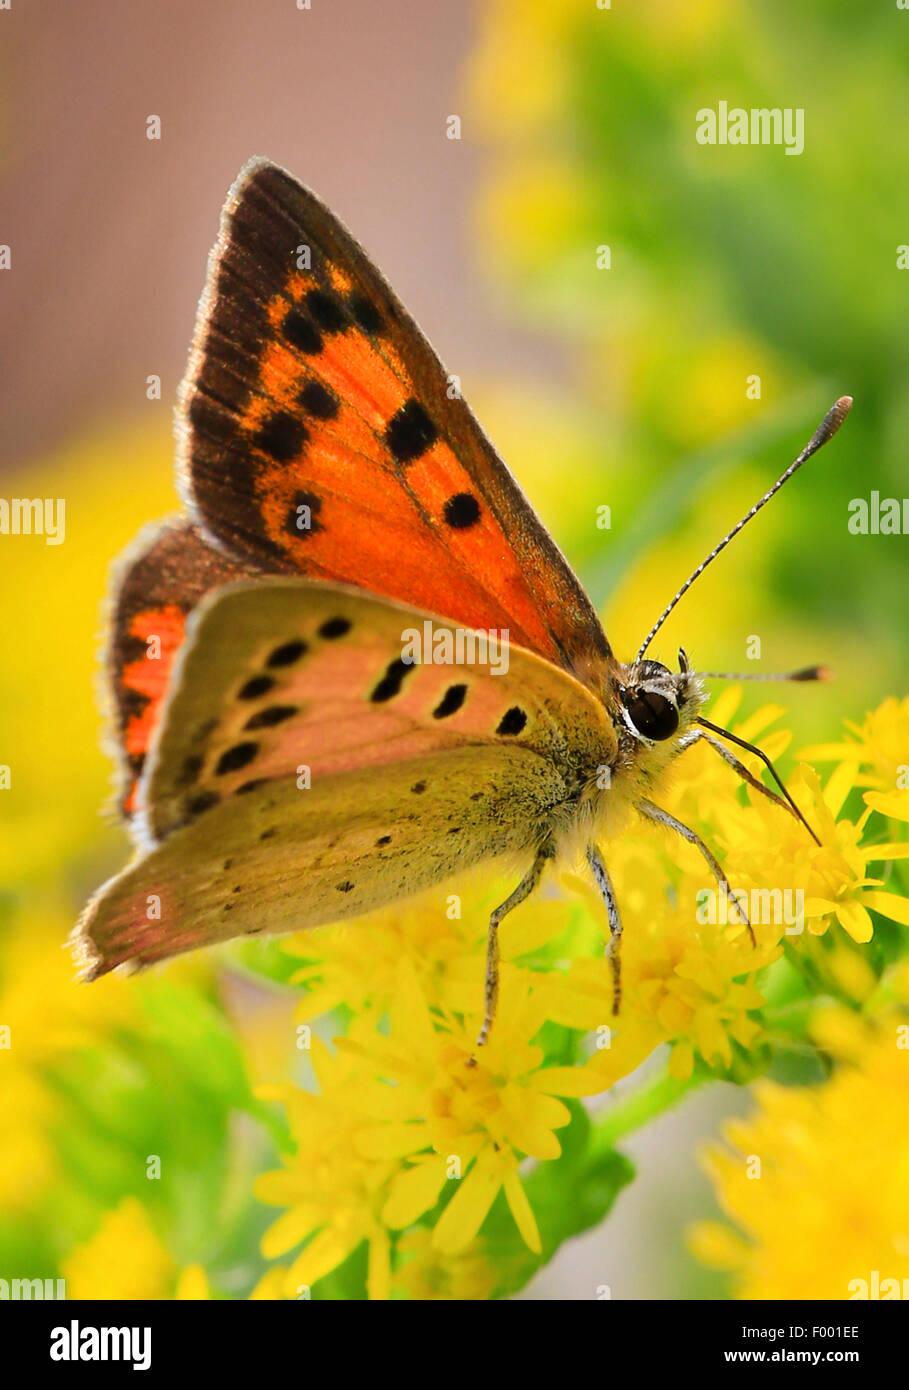 Piccola di rame (Lycaena phlaeas, Chrysophanus phlaeas), aspirando il nettare sui fiori gialli, Germania Immagini Stock